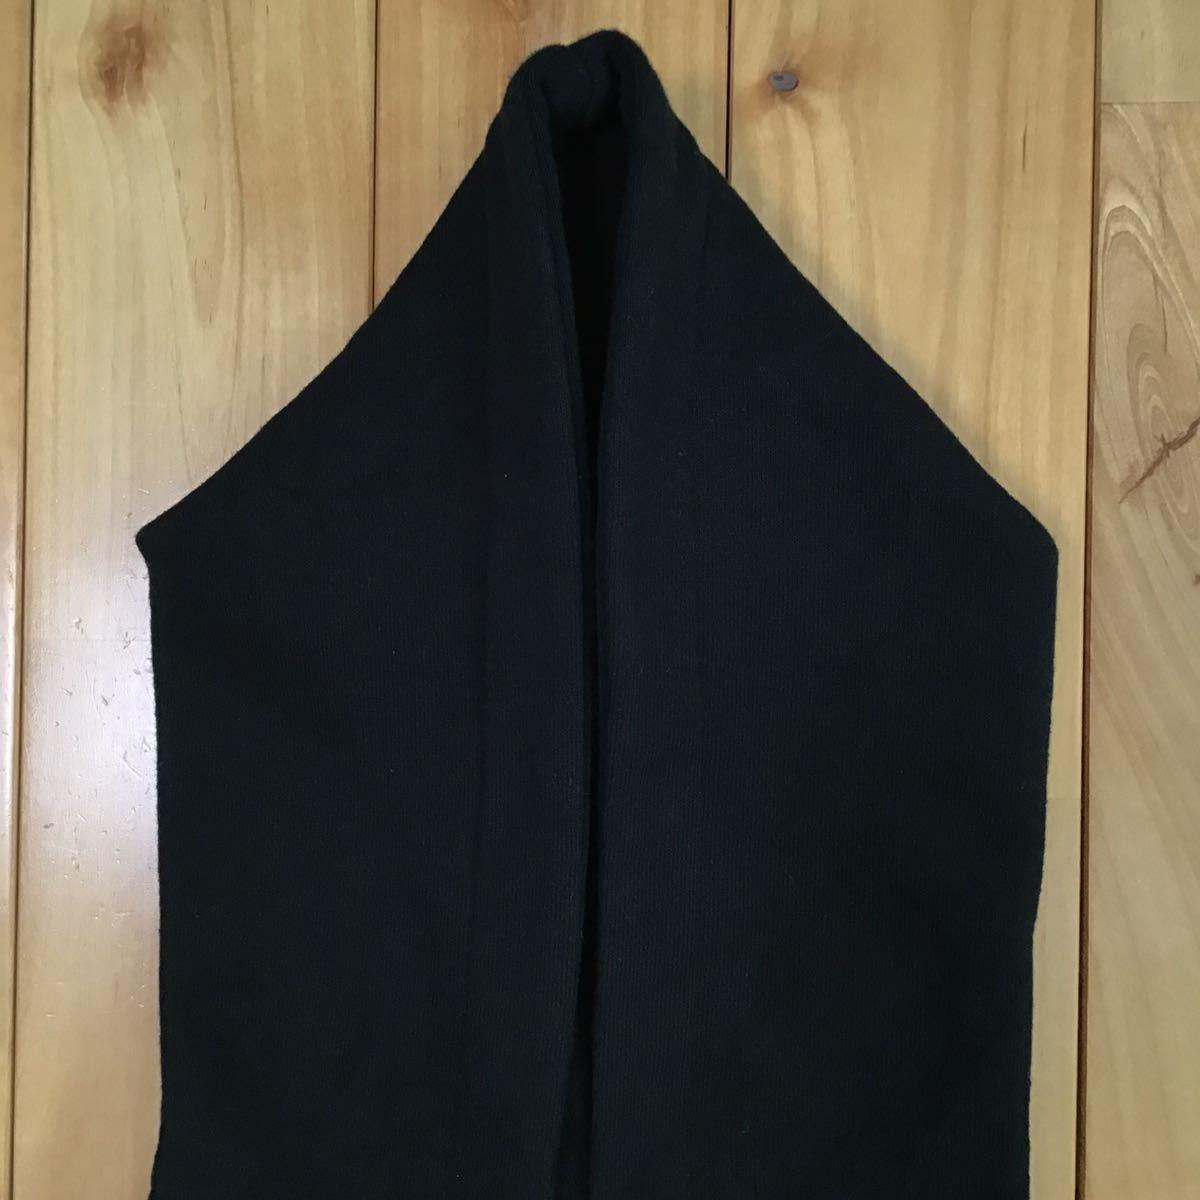 スワロフスキー スウェット フード ベスト Sサイズ a bathing ape bape swarovski hoodie vest エイプ ベイプ パーカー ラインストーン 521